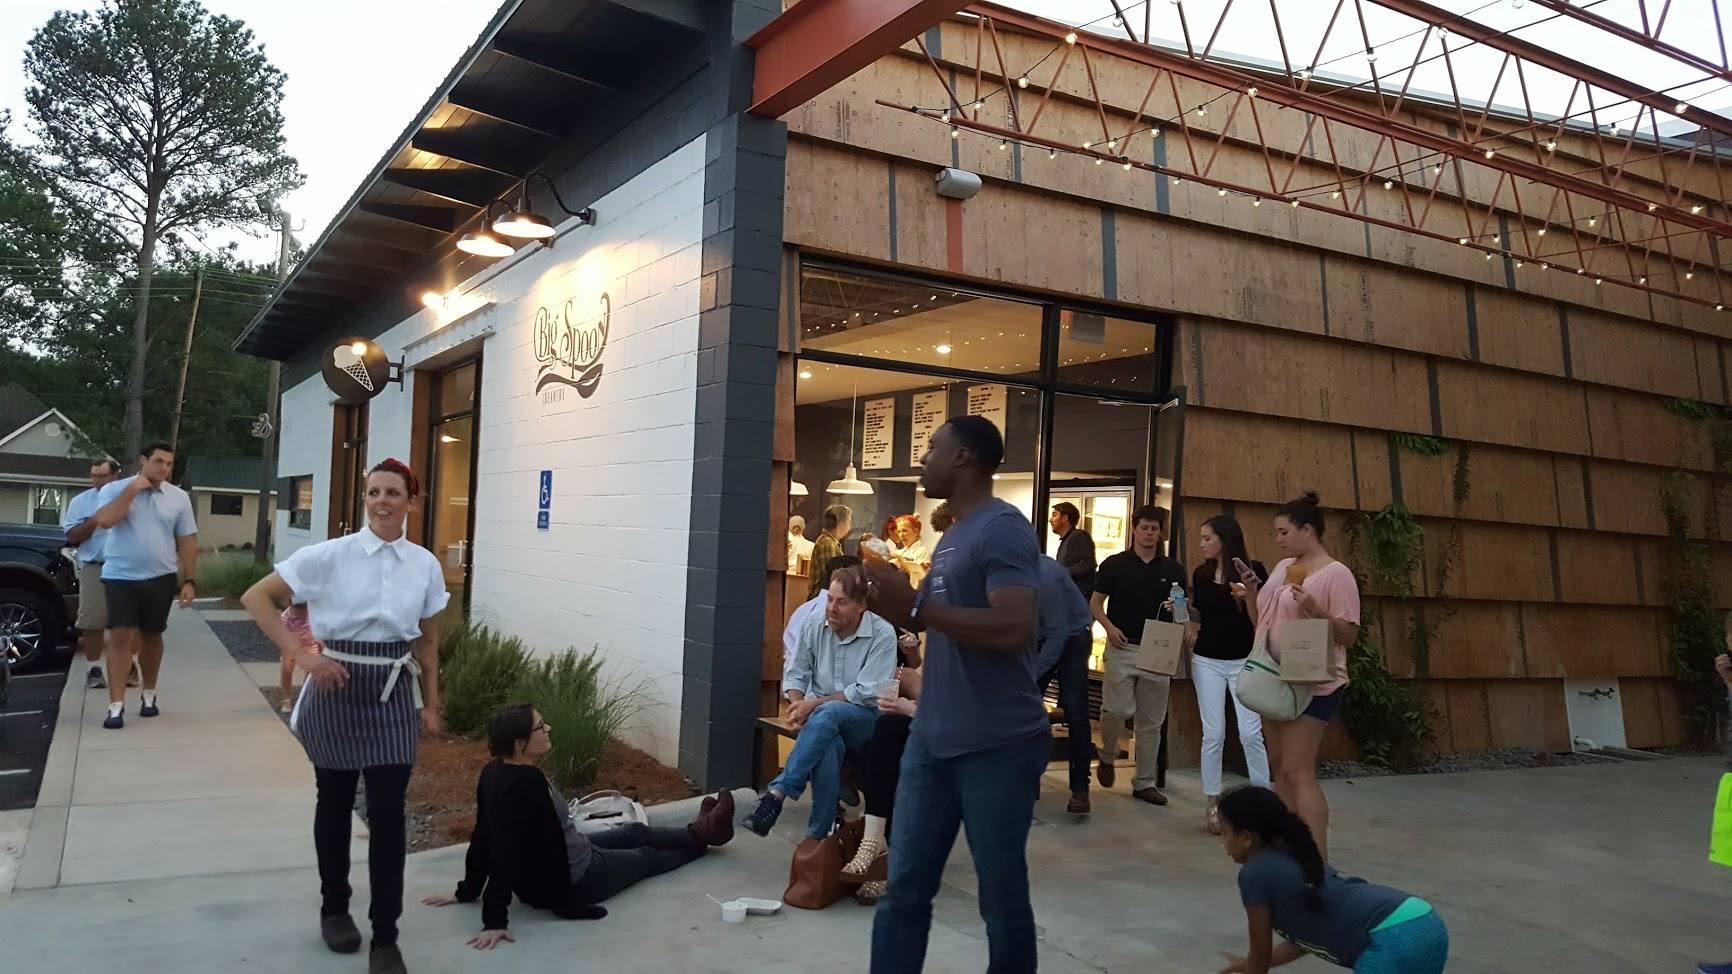 People Enjoying Big Spoon Creamery Ice Cream Outsite